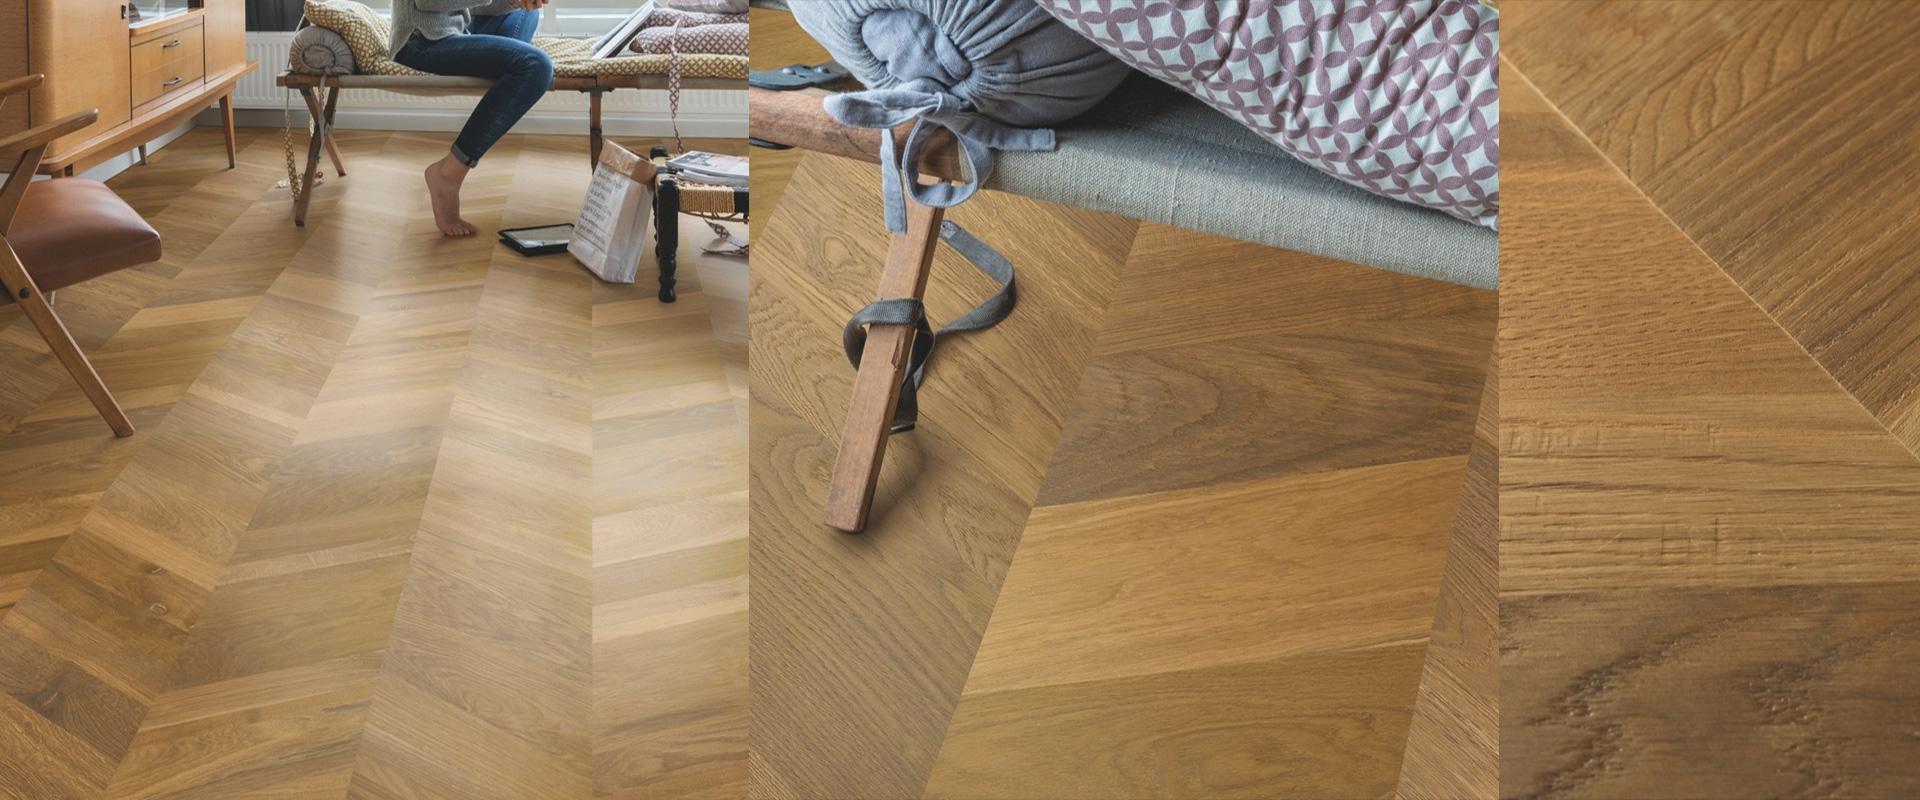 Super Houten vloer of laminaat   Vloerenland OJ-34